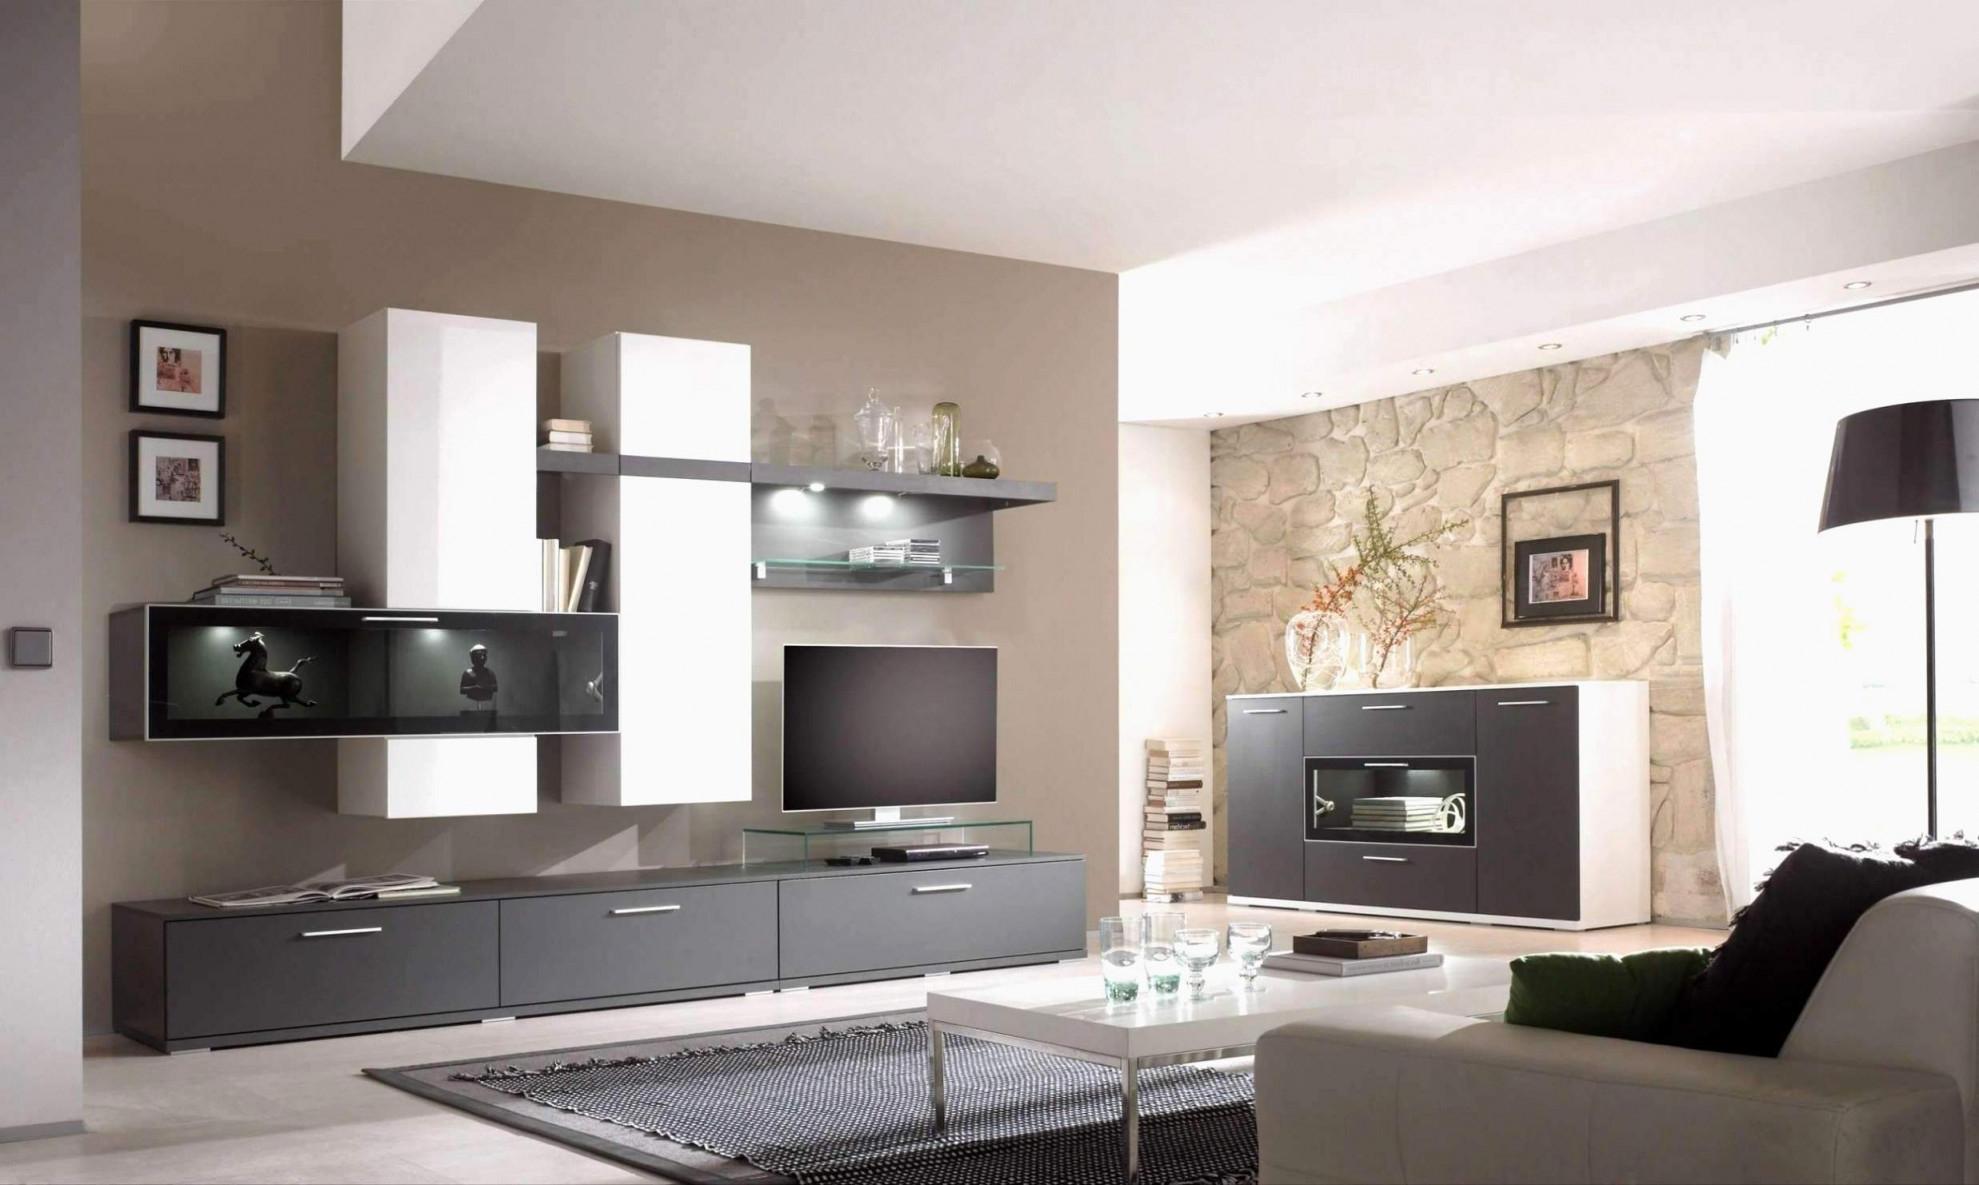 Moderne Wohnzimmer Ideen Neu Steinwand Wohnzimmer Kosten Neu von Moderne Wohnideen Wohnzimmer Photo